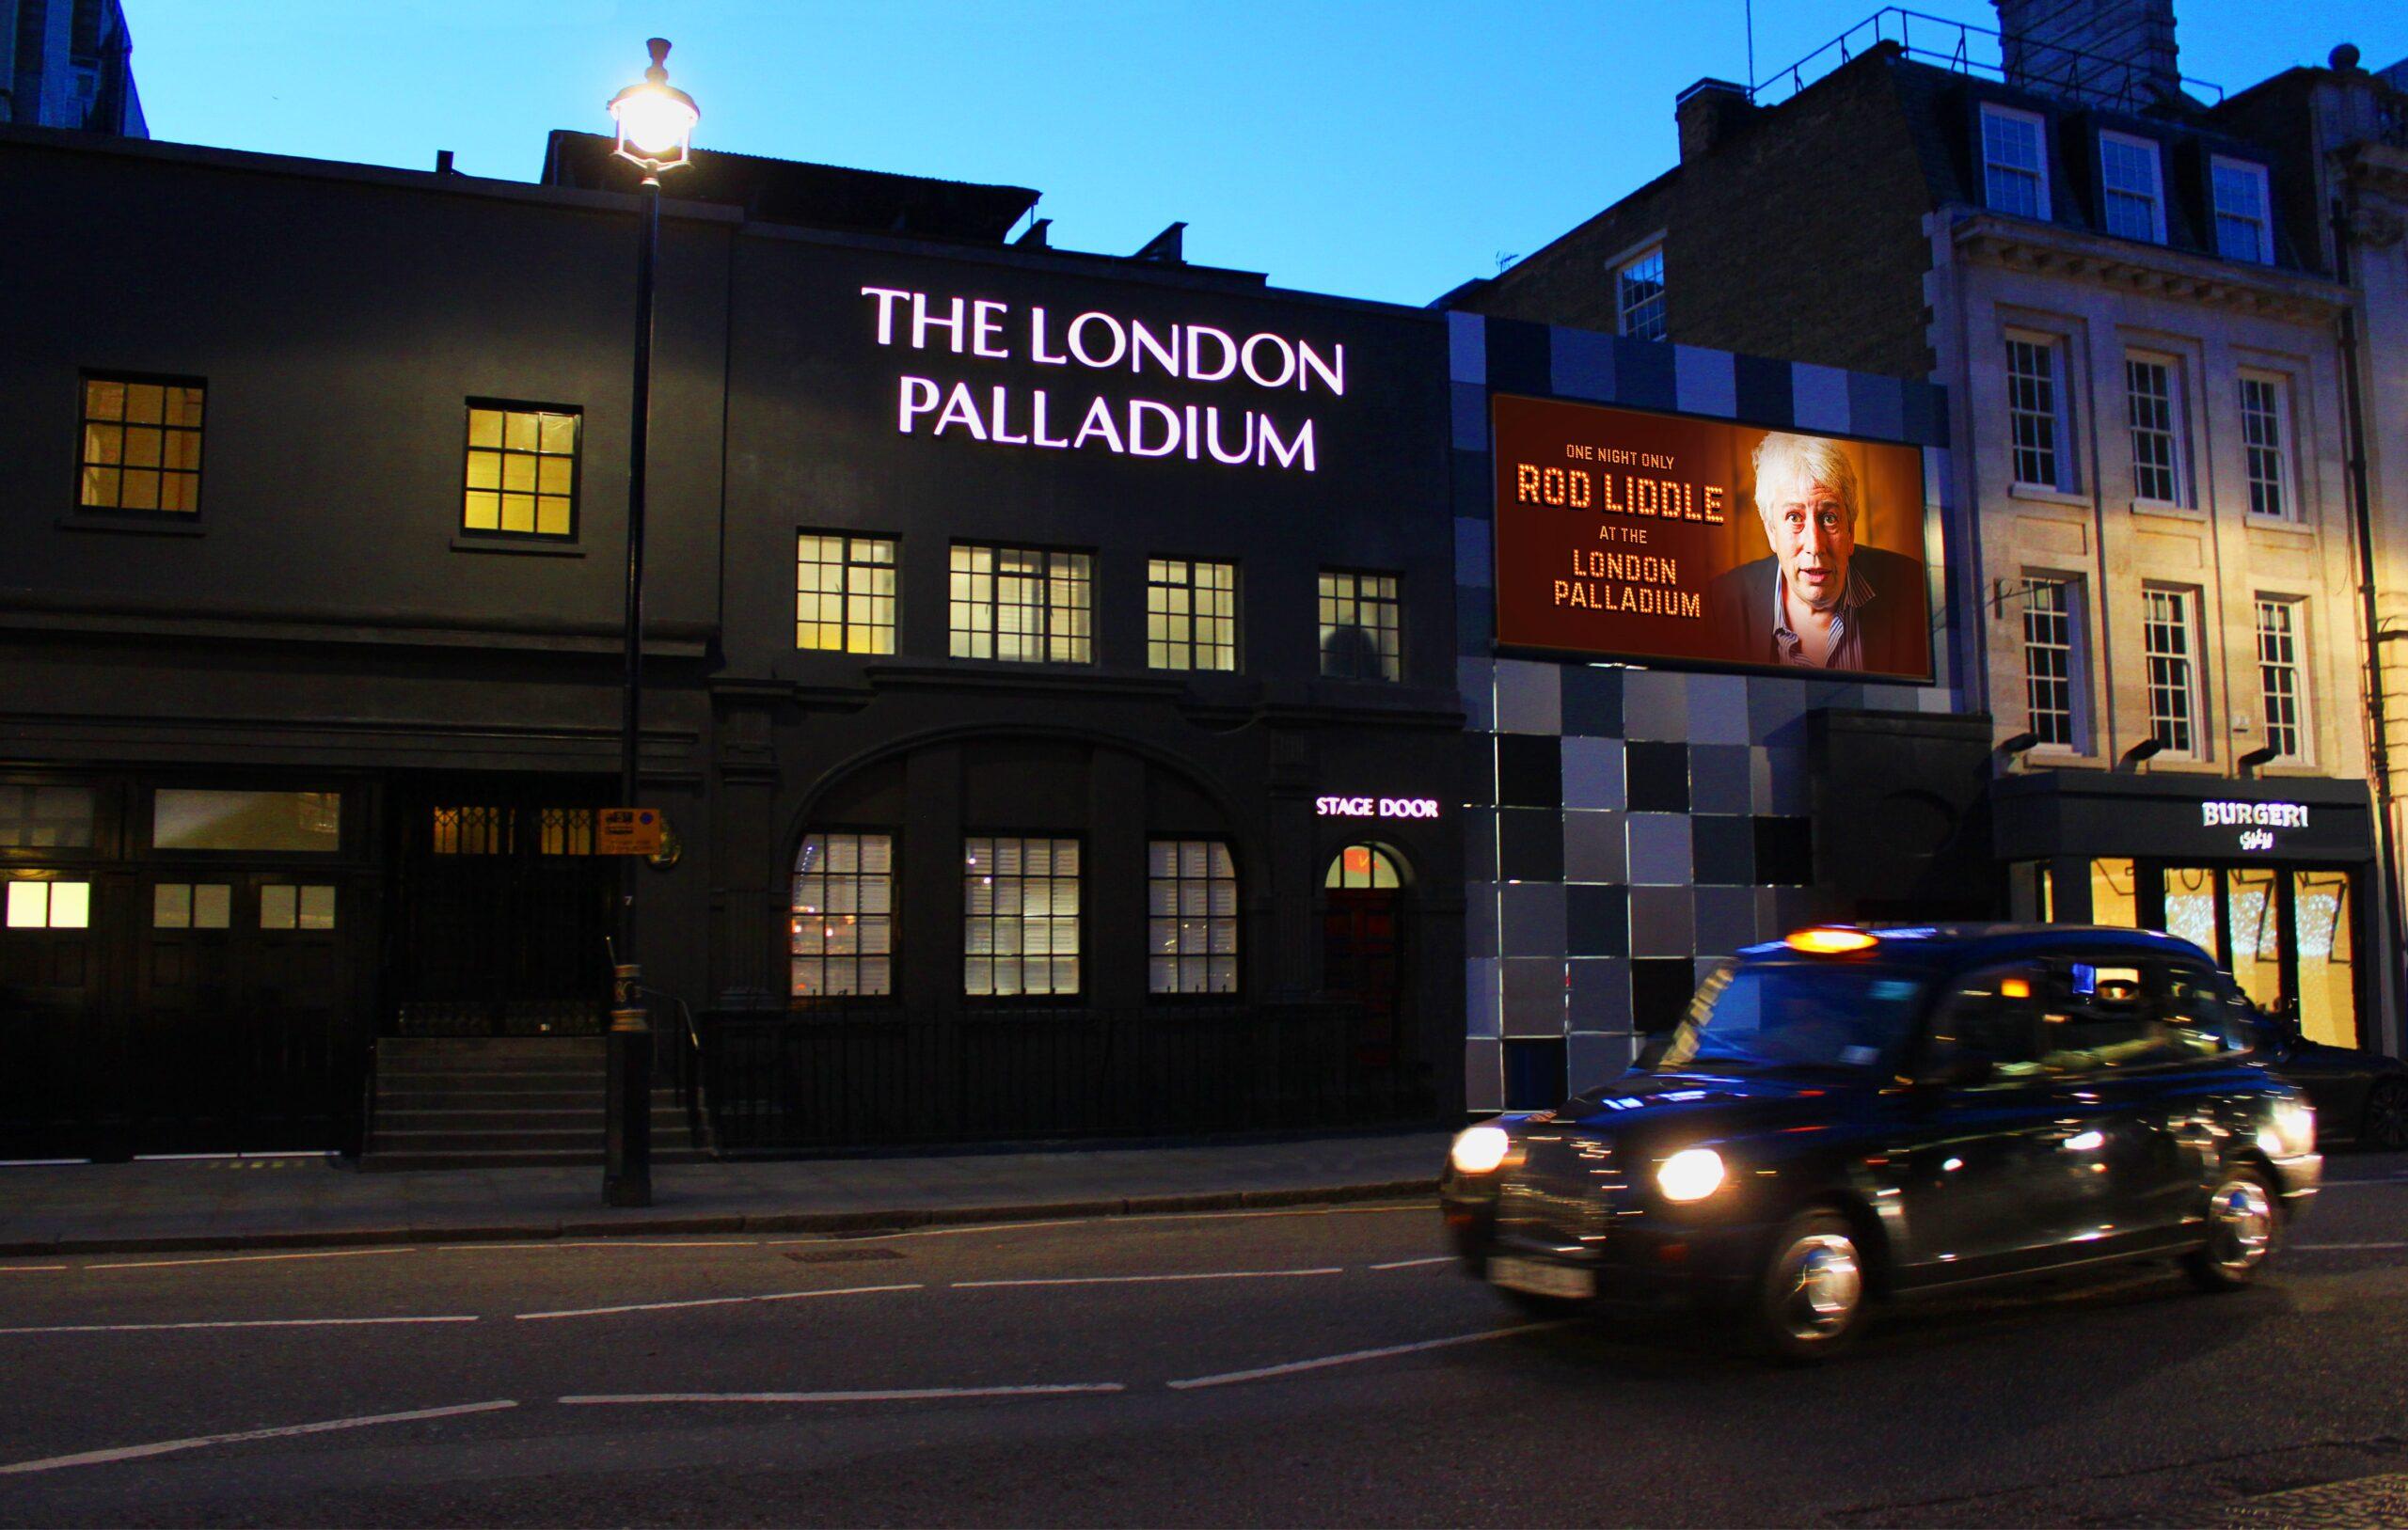 london-palladium-NG2-min-1